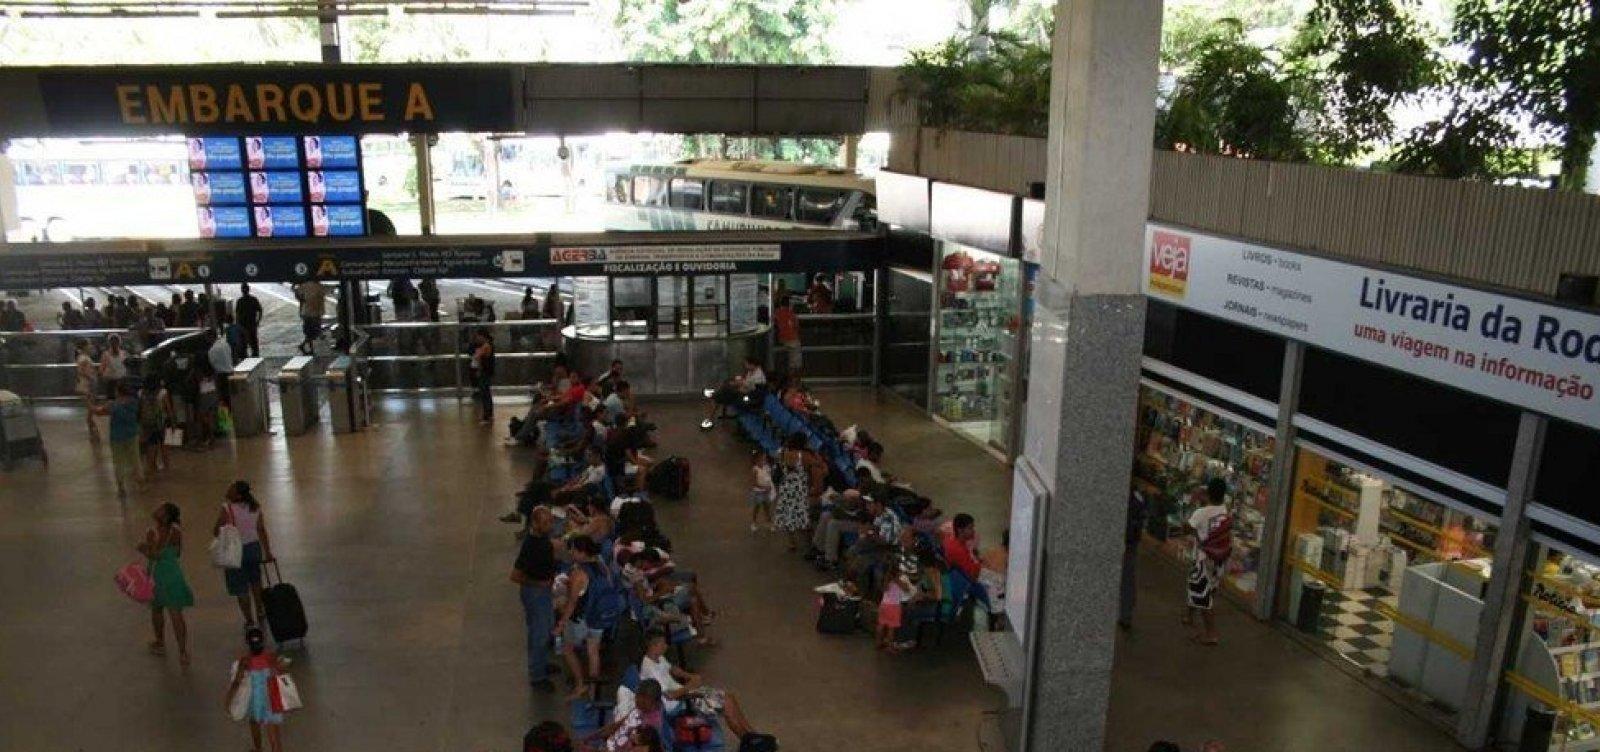 [Empresa Gráfica da Bahia paga R$ 54 mil em passagens de ônibus para quatro empregados]